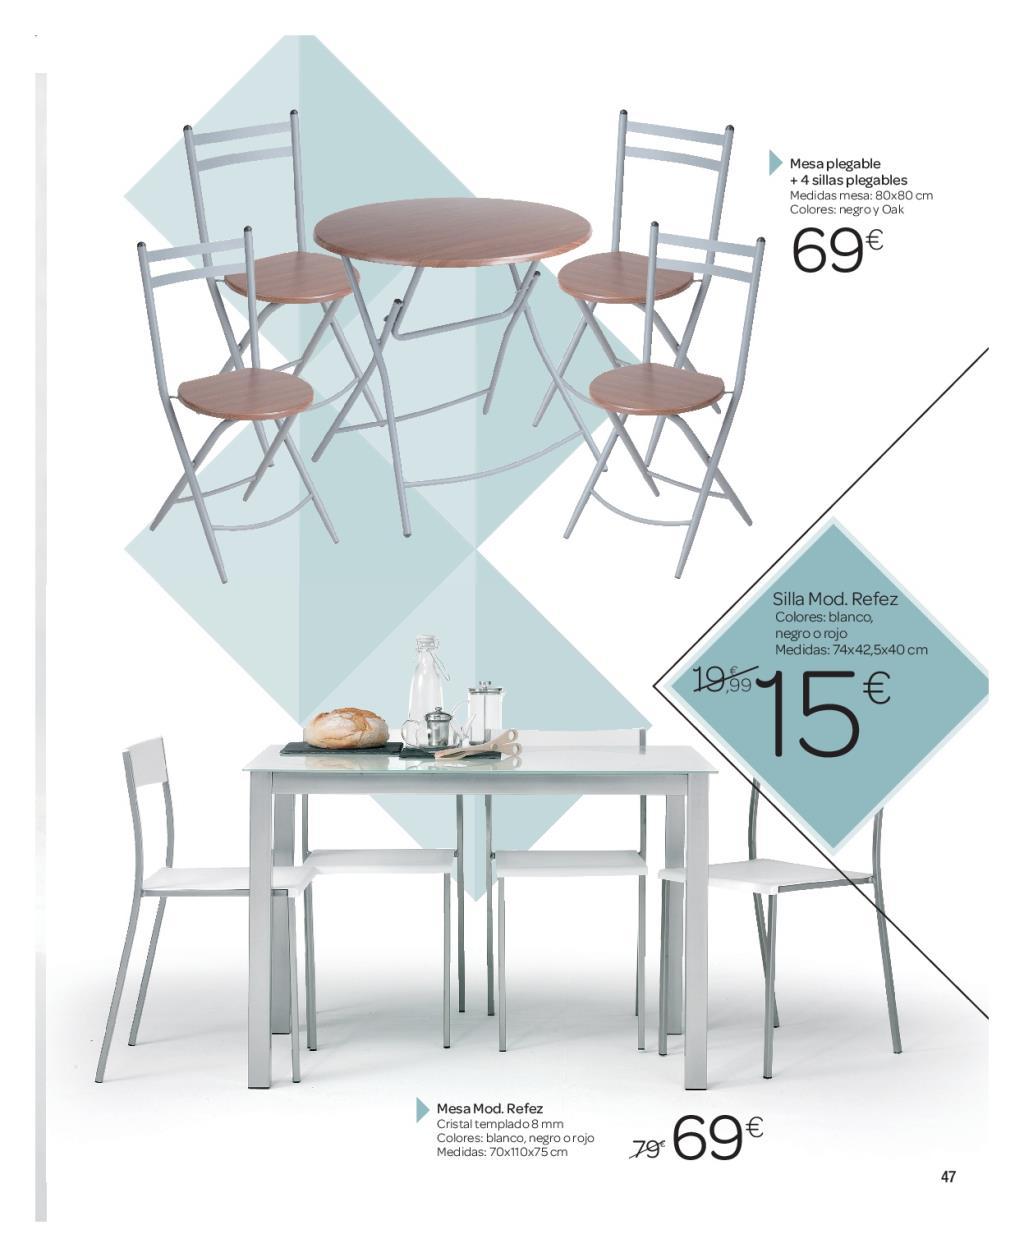 Iluminacion Baño Carrefour:Carrefour: catálogo de decoración 2016 (46/74)